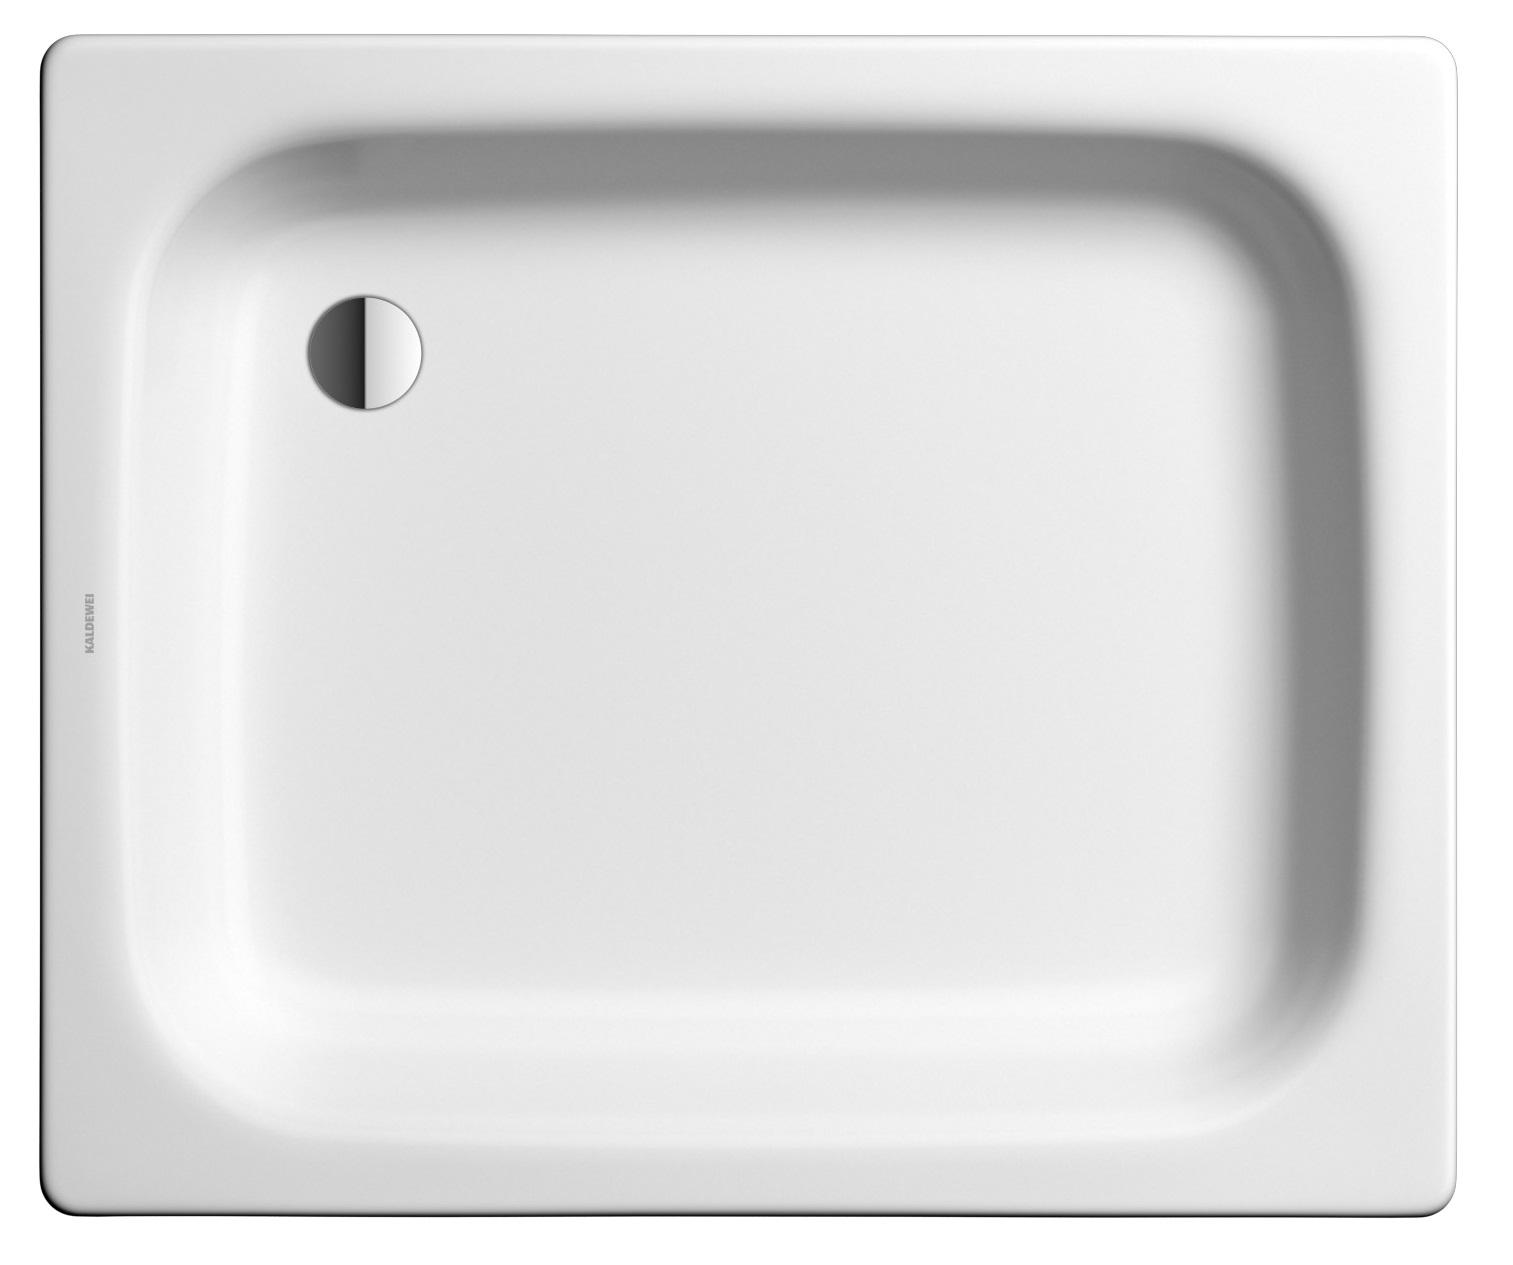 Kaldewei Sanidusch 140 - ocelová sprchová vanička obdélníková 70 x 85 x 14 cm 541